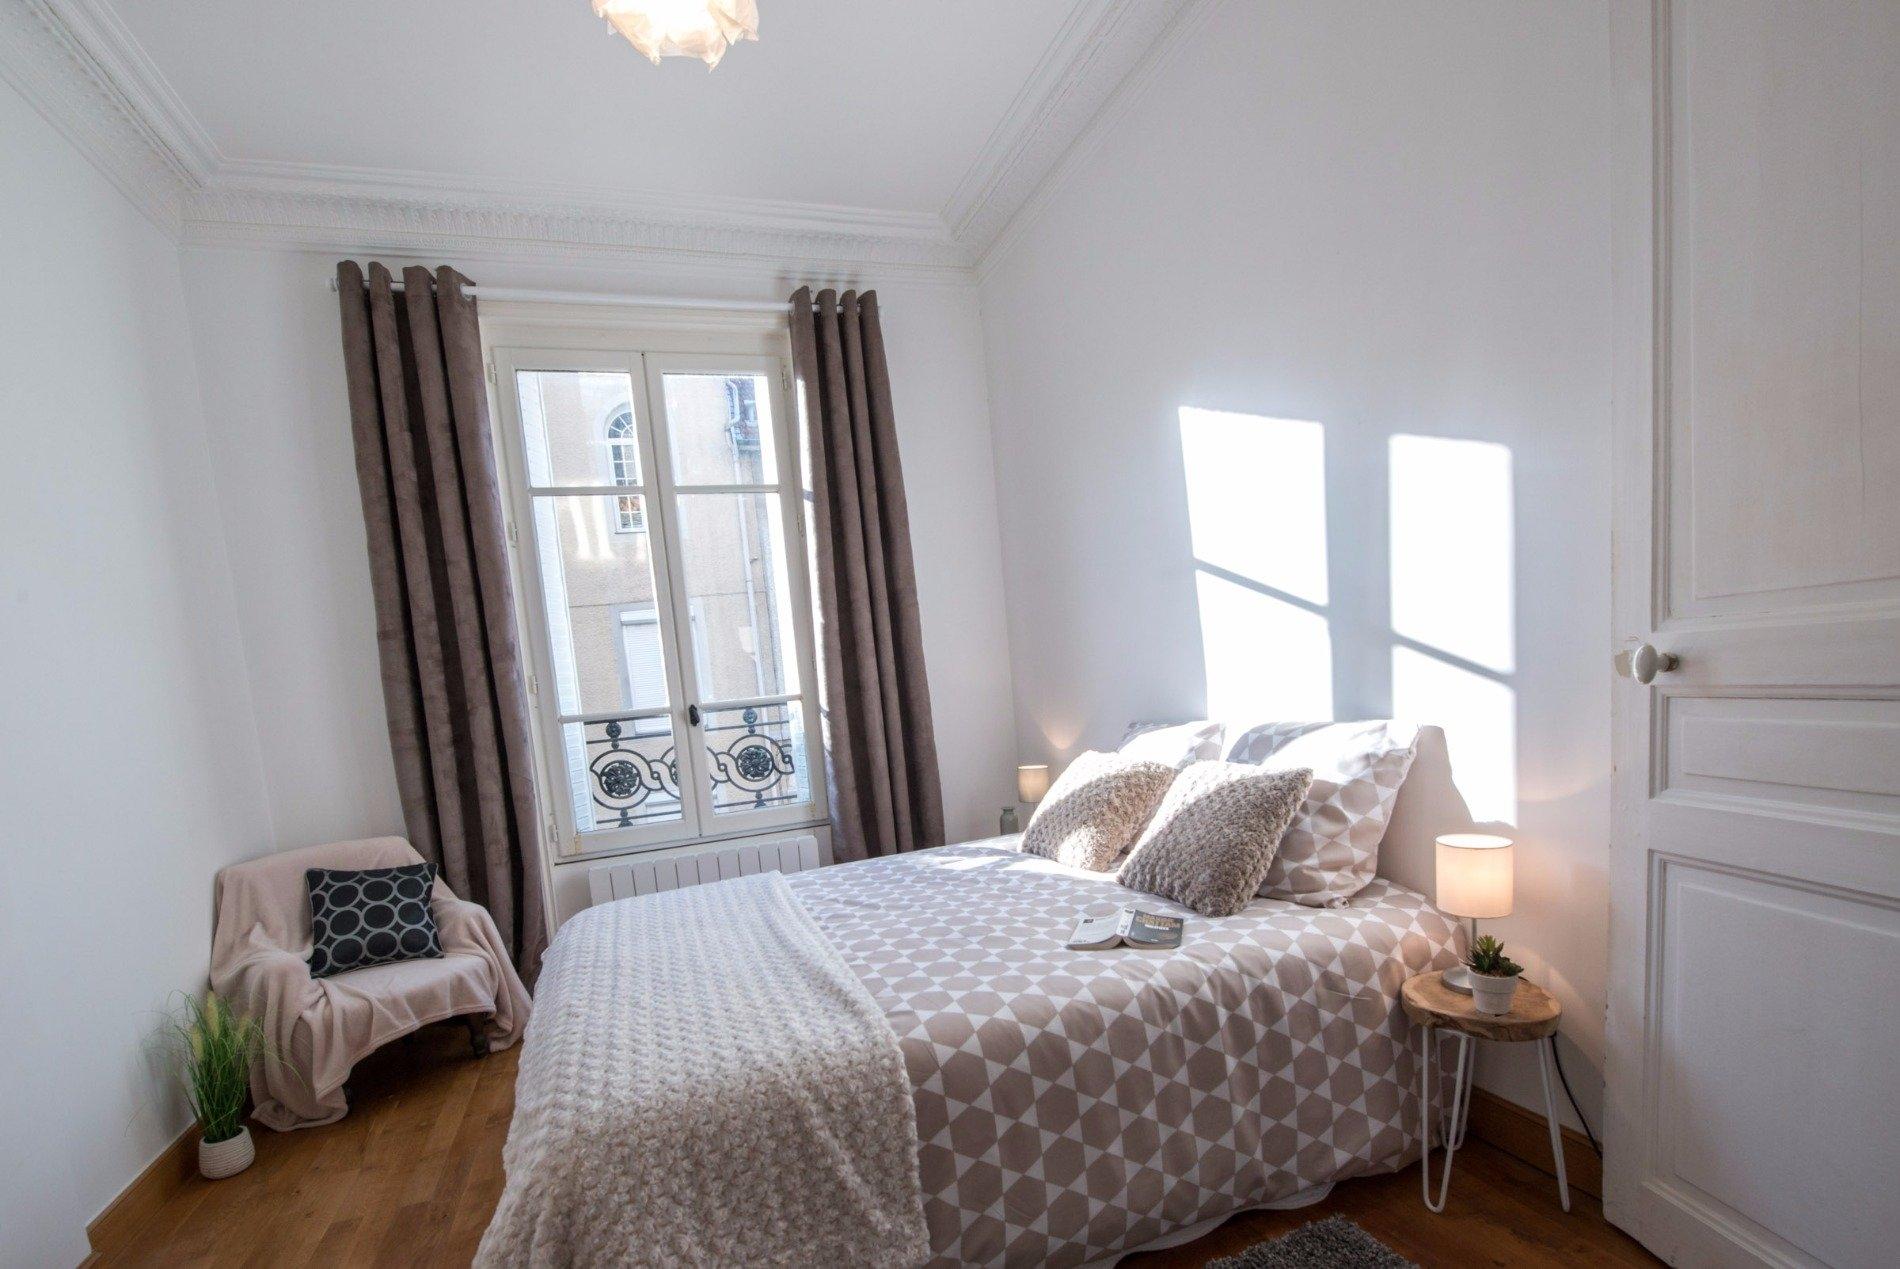 Appartement Reims 2 Pièces 39.69 m2 - 8